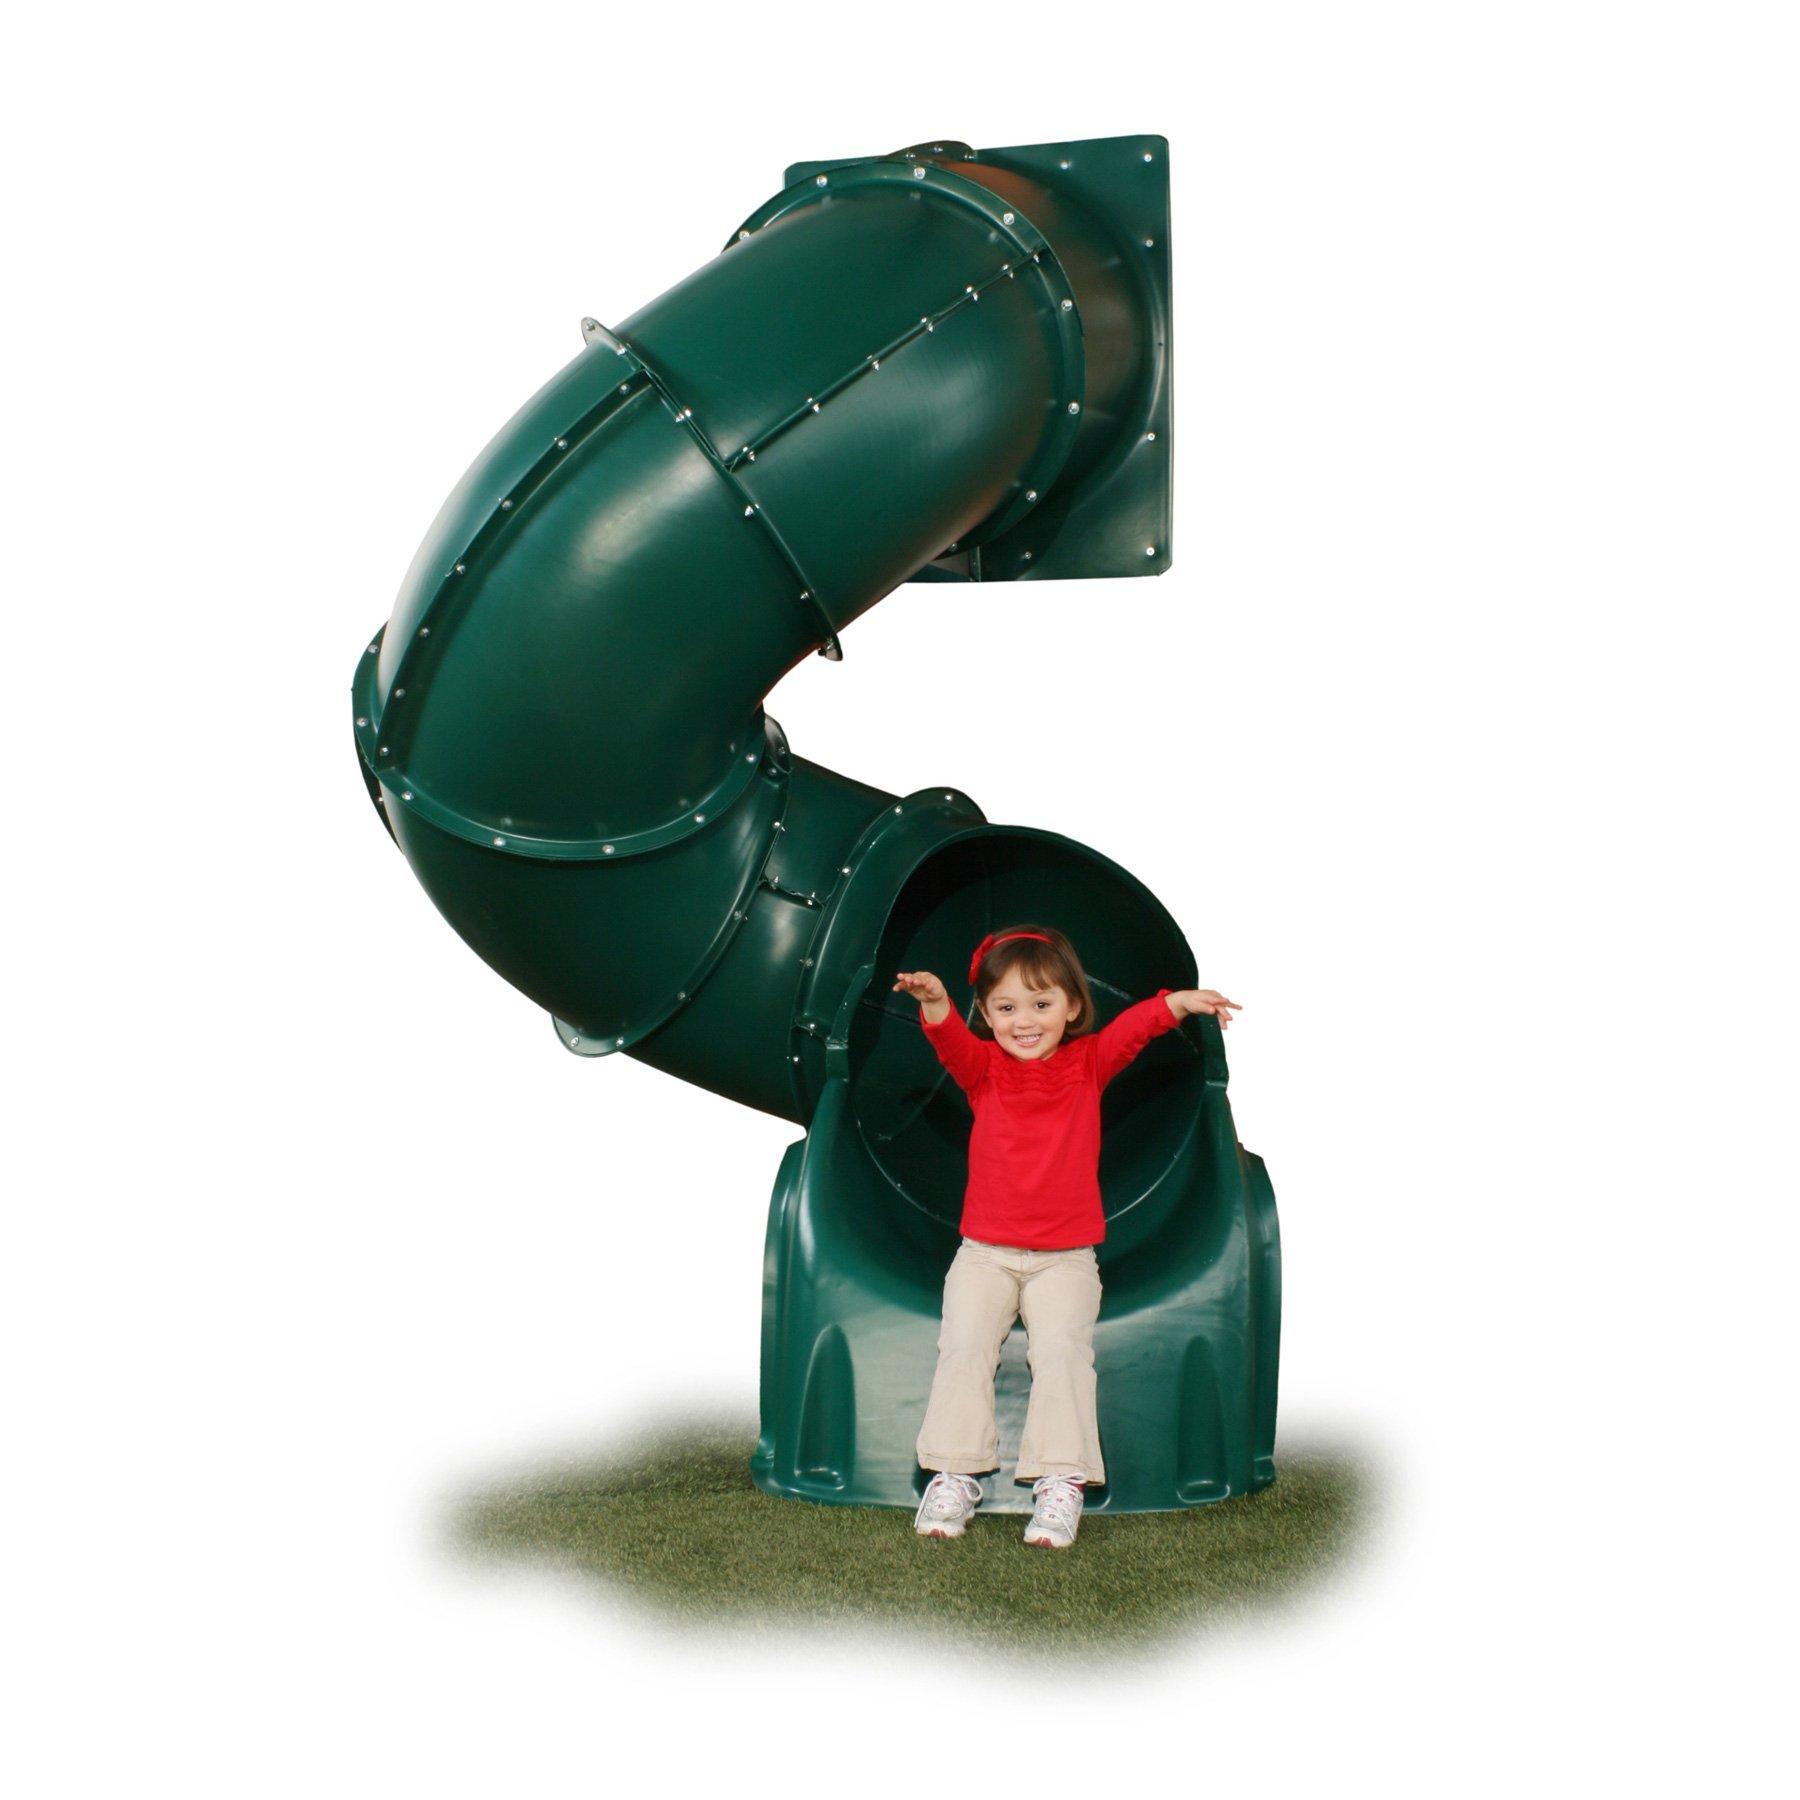 5 Ft Turbo Tube Slide Green by Swing-N-Slide